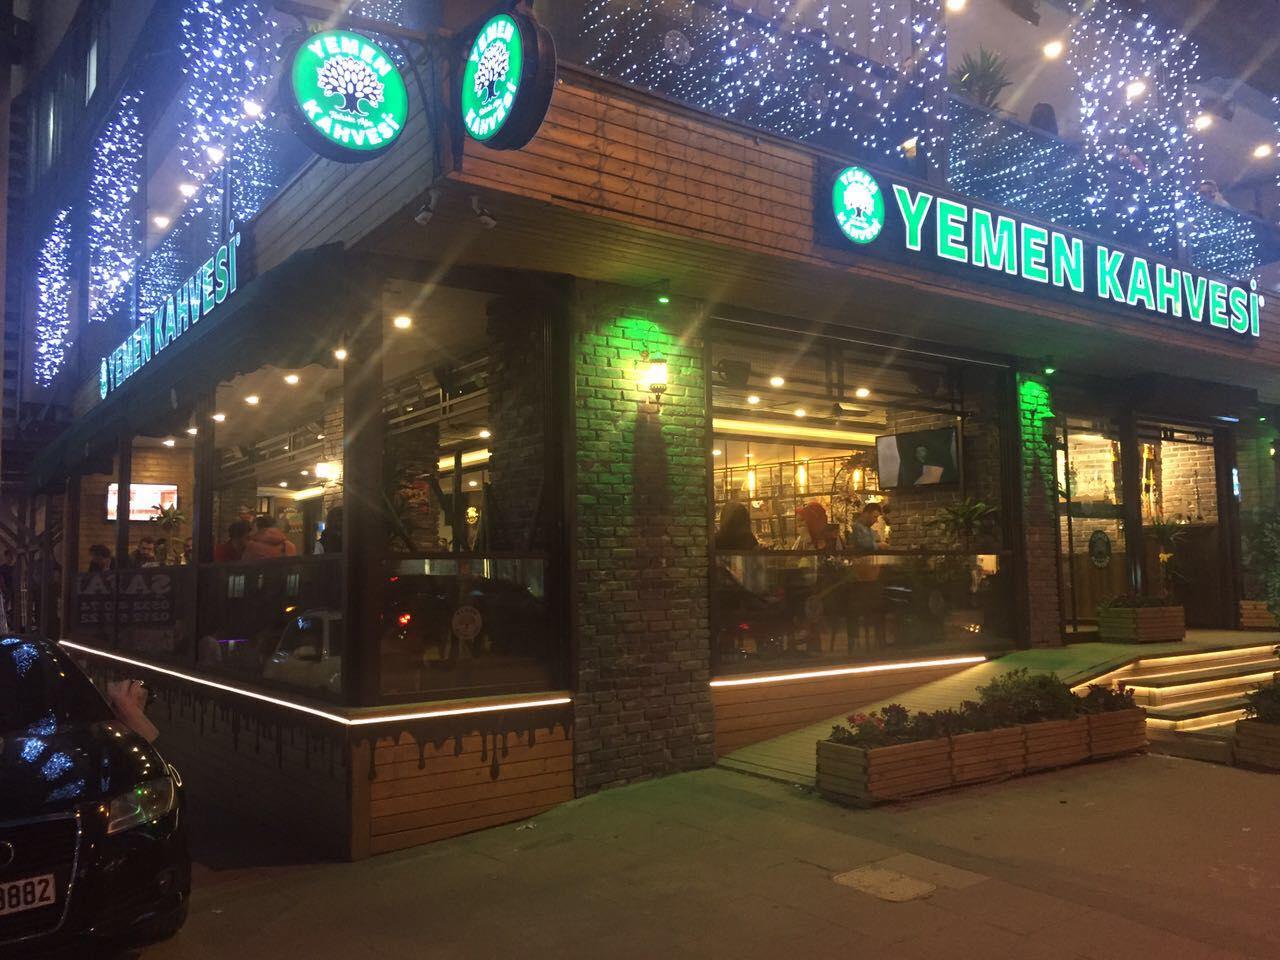 Yemen Kahvesi Arnavutköy